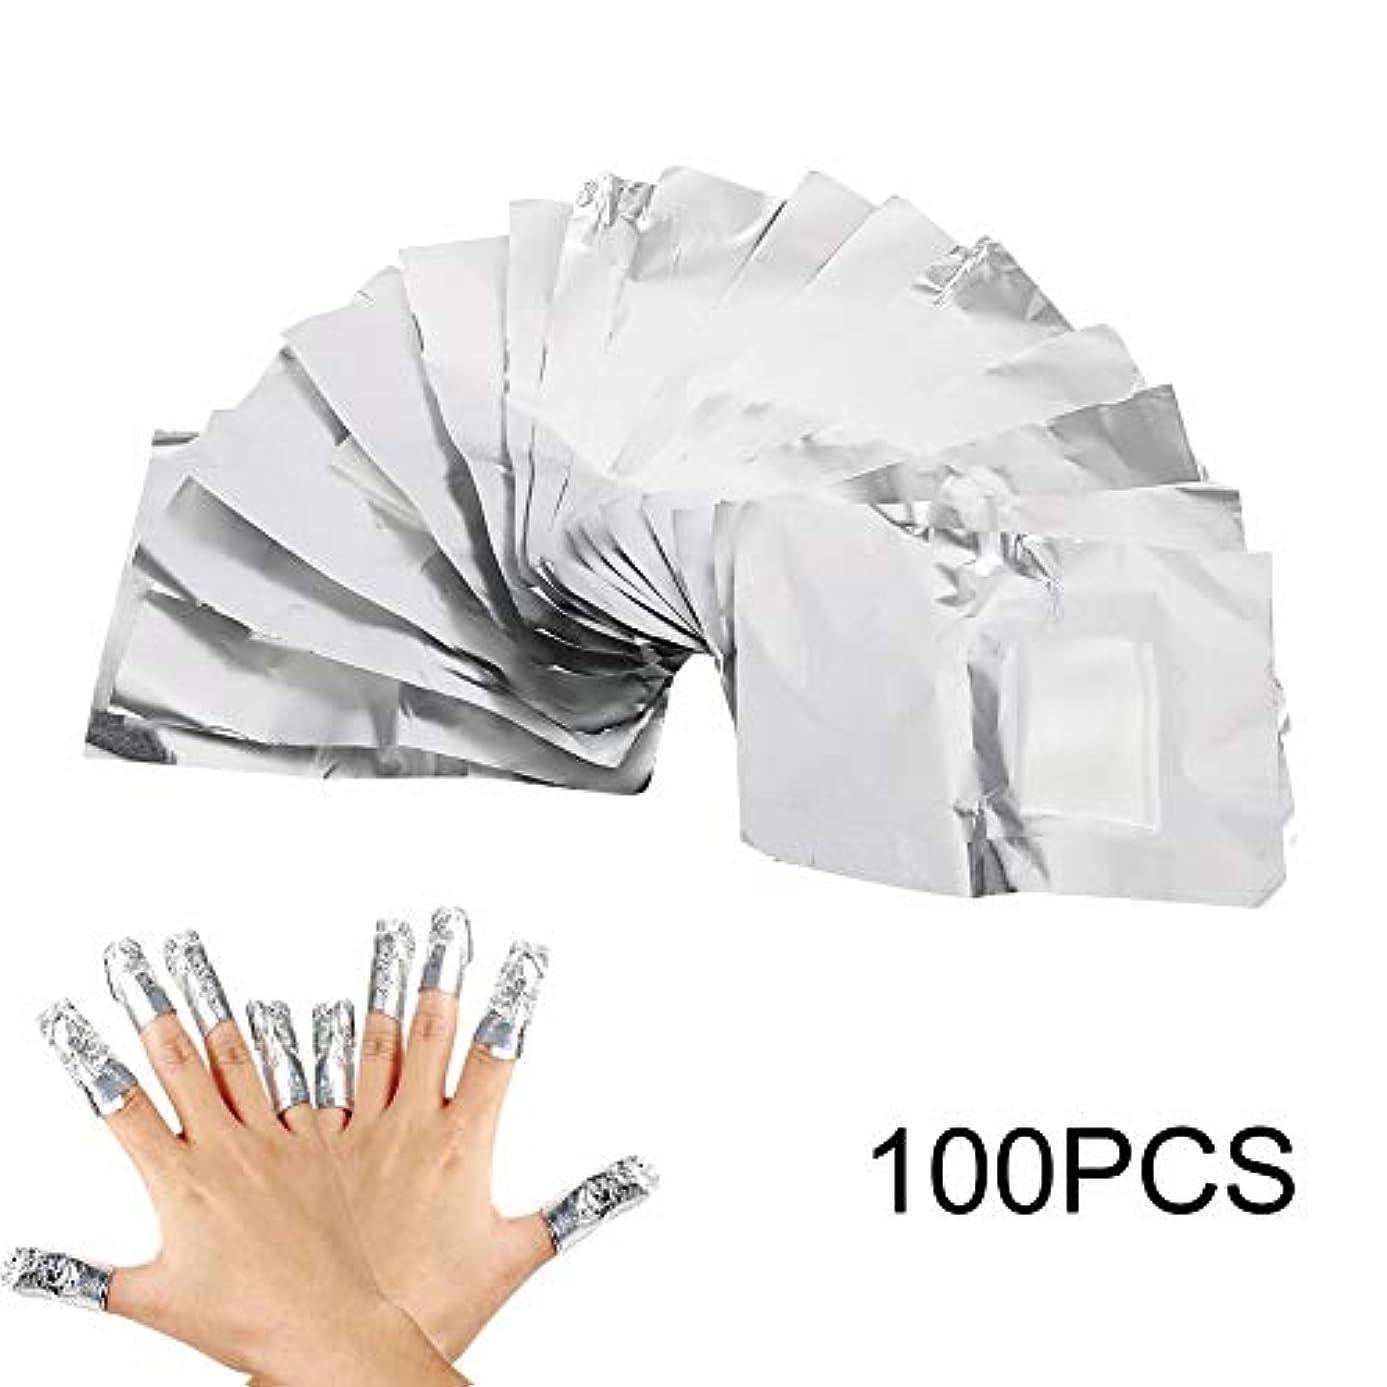 ビヨン製造試用ネイル除去ホイルラップ 100ピース プロアルミホイルジェルポリッシュ除去ネイルアートリムーバーソークオフジェルラップ